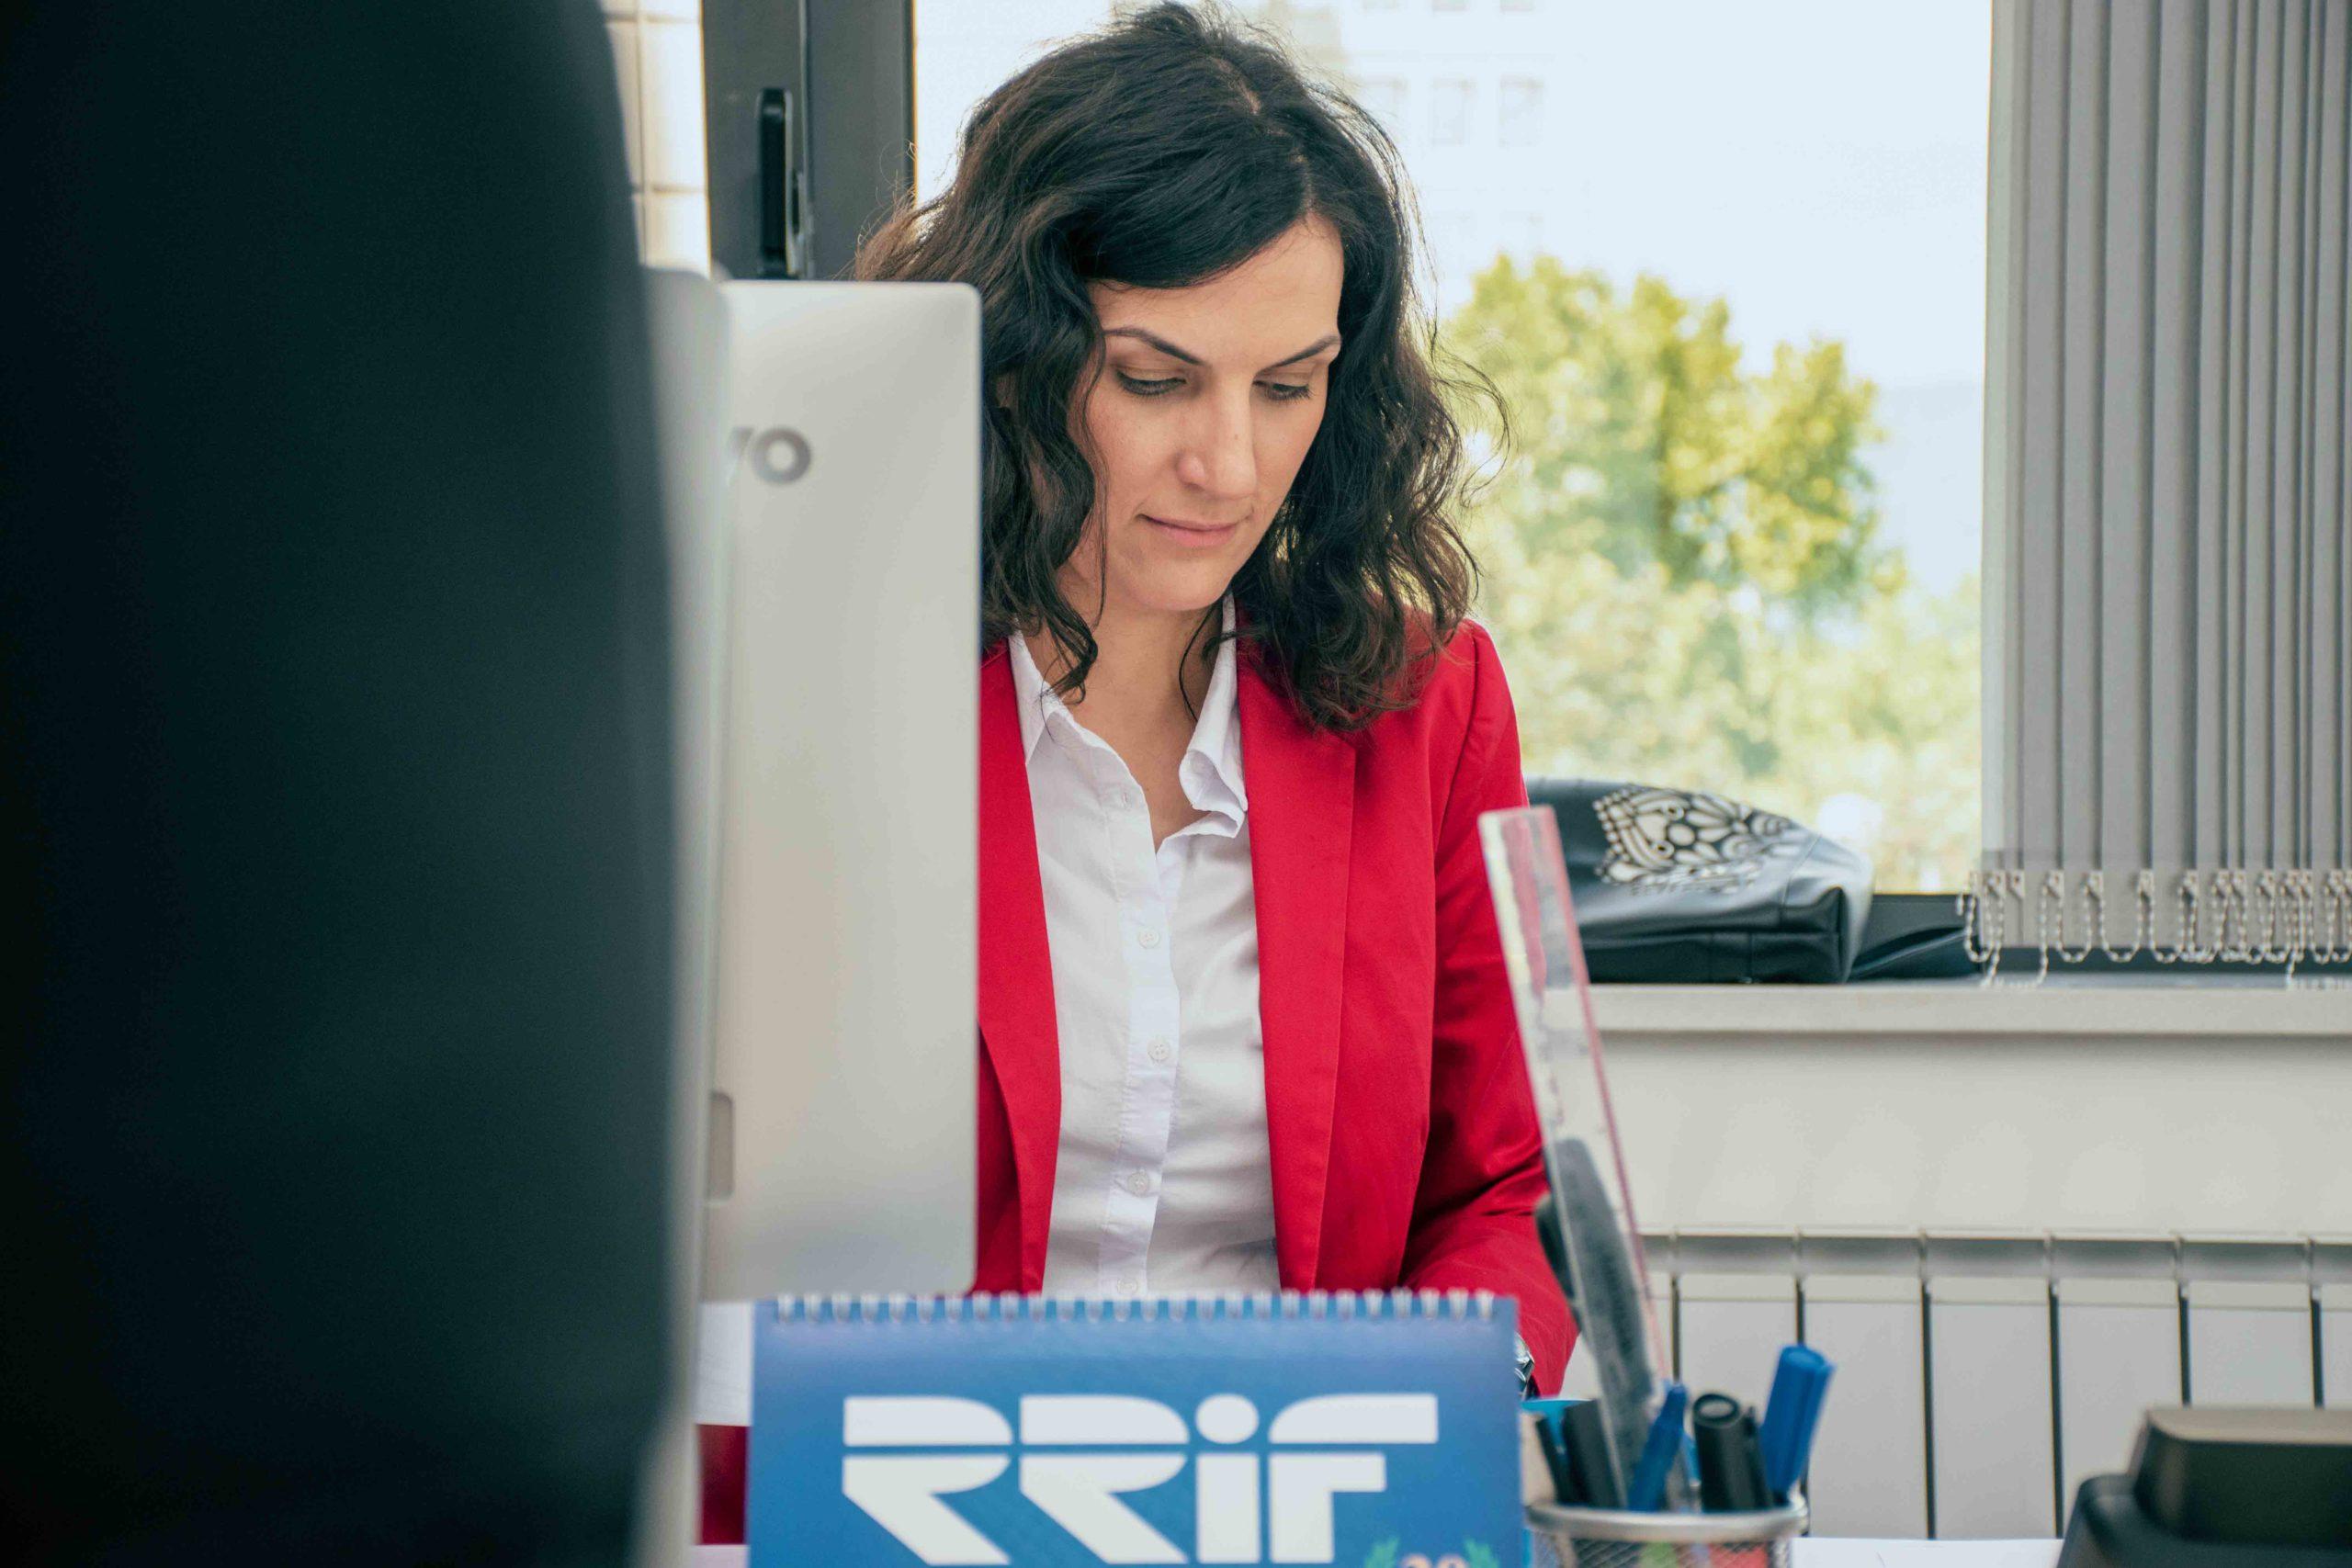 fiscalis uspješno poslovanje klijenata računovodstvo savjeti savjetovanje računovodstvene usluge knjigovodstvo zagreb poslovanje bolji poslovni rezultati